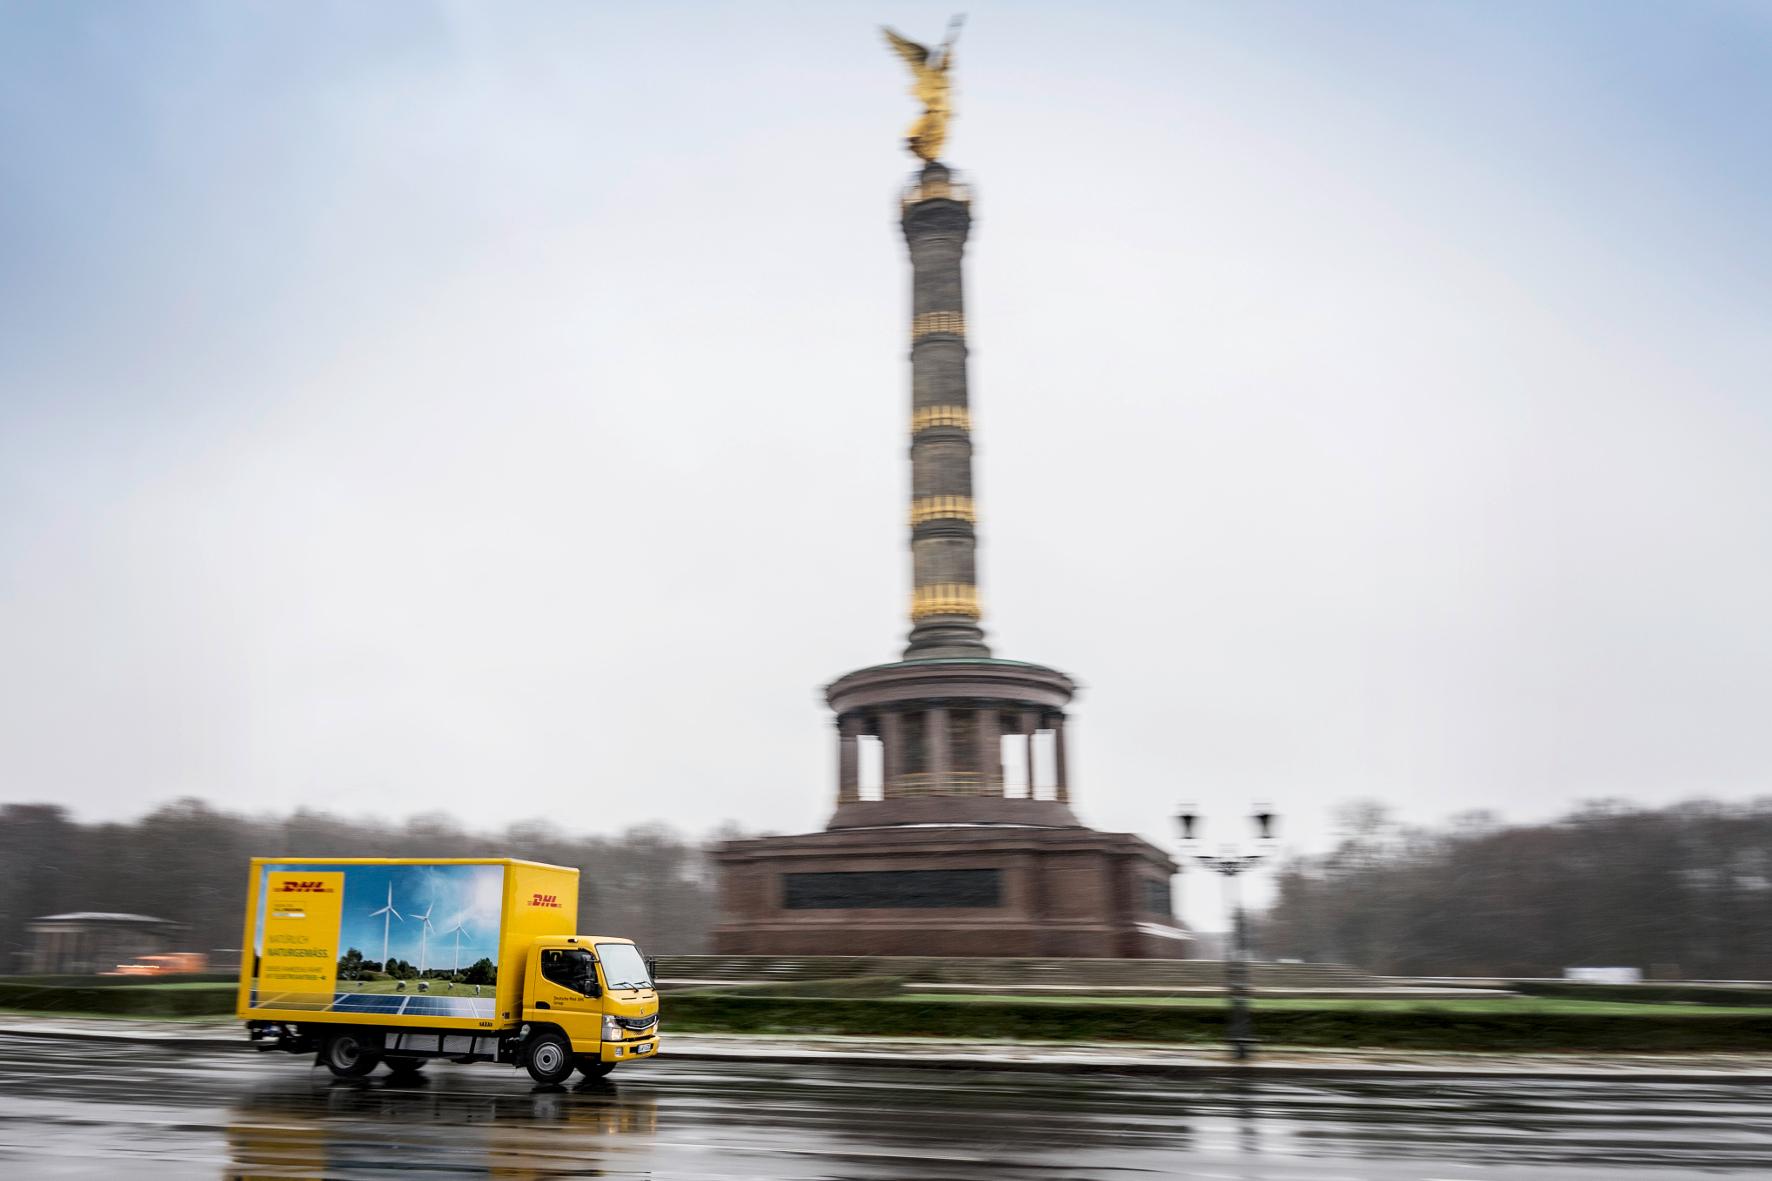 mid Groß-Gerau - Für DHL im Großraum Berlin unterwegs: Elektro-Lkw von Daimler. DHL